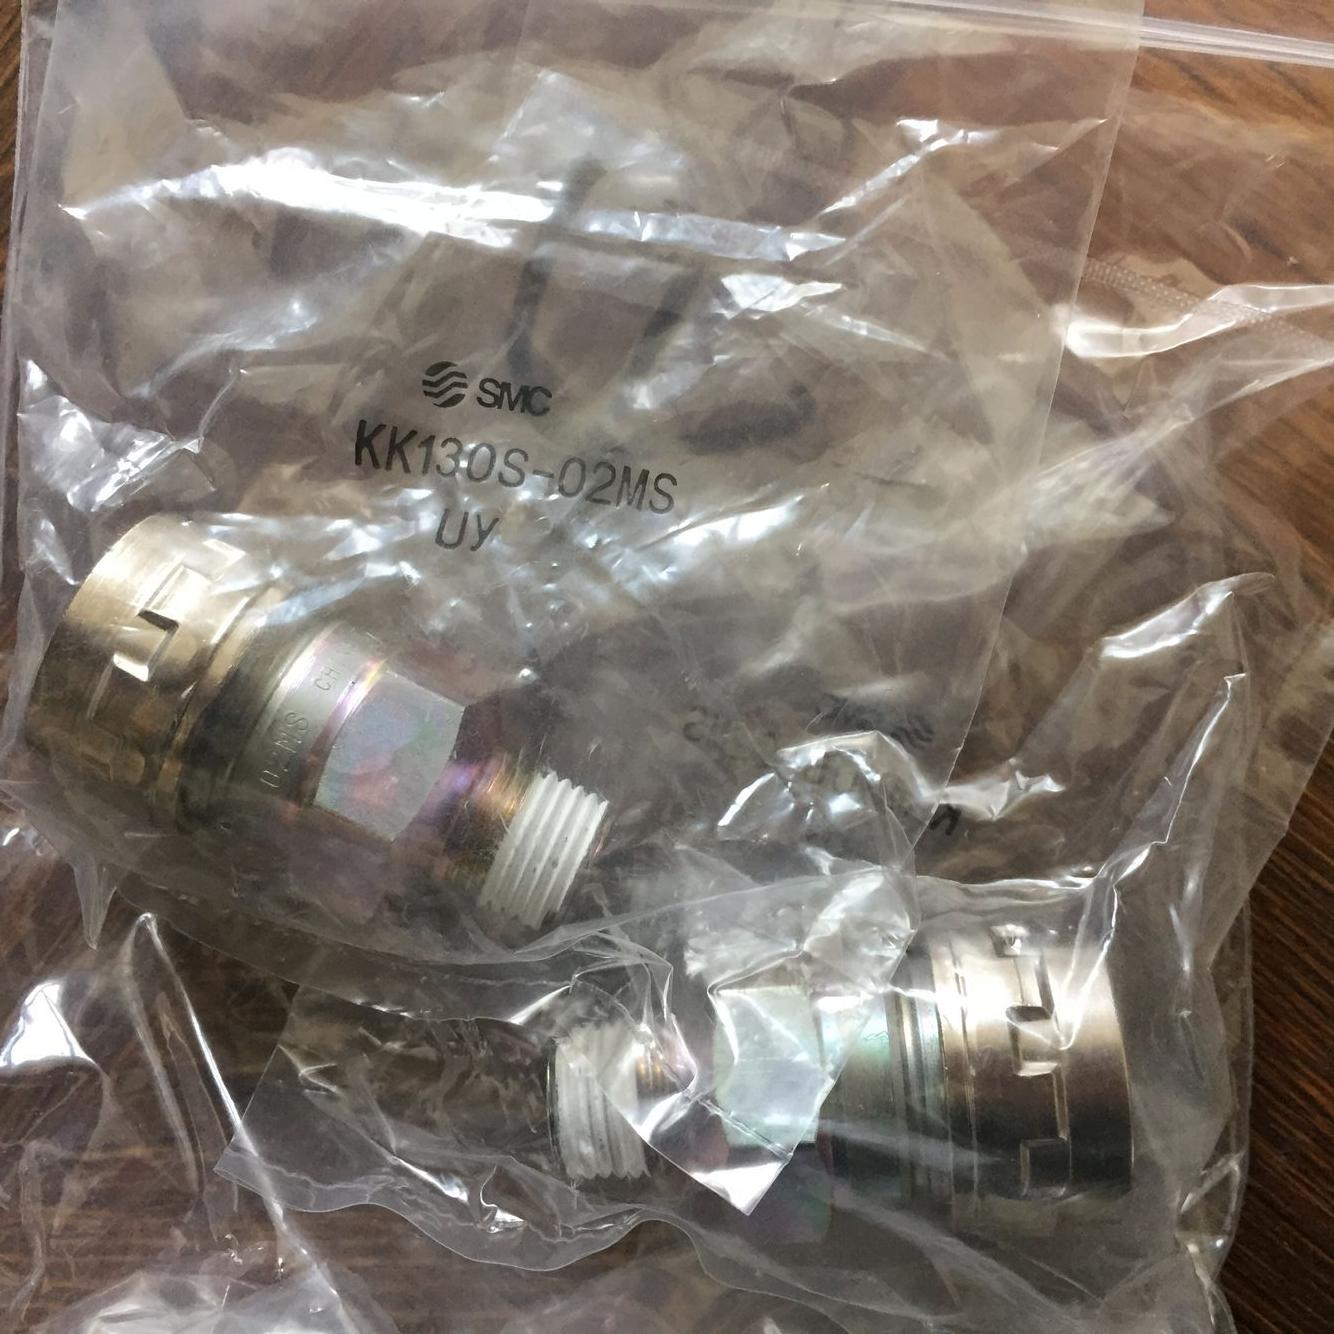 Đầu nối SMC KK130S-02MS